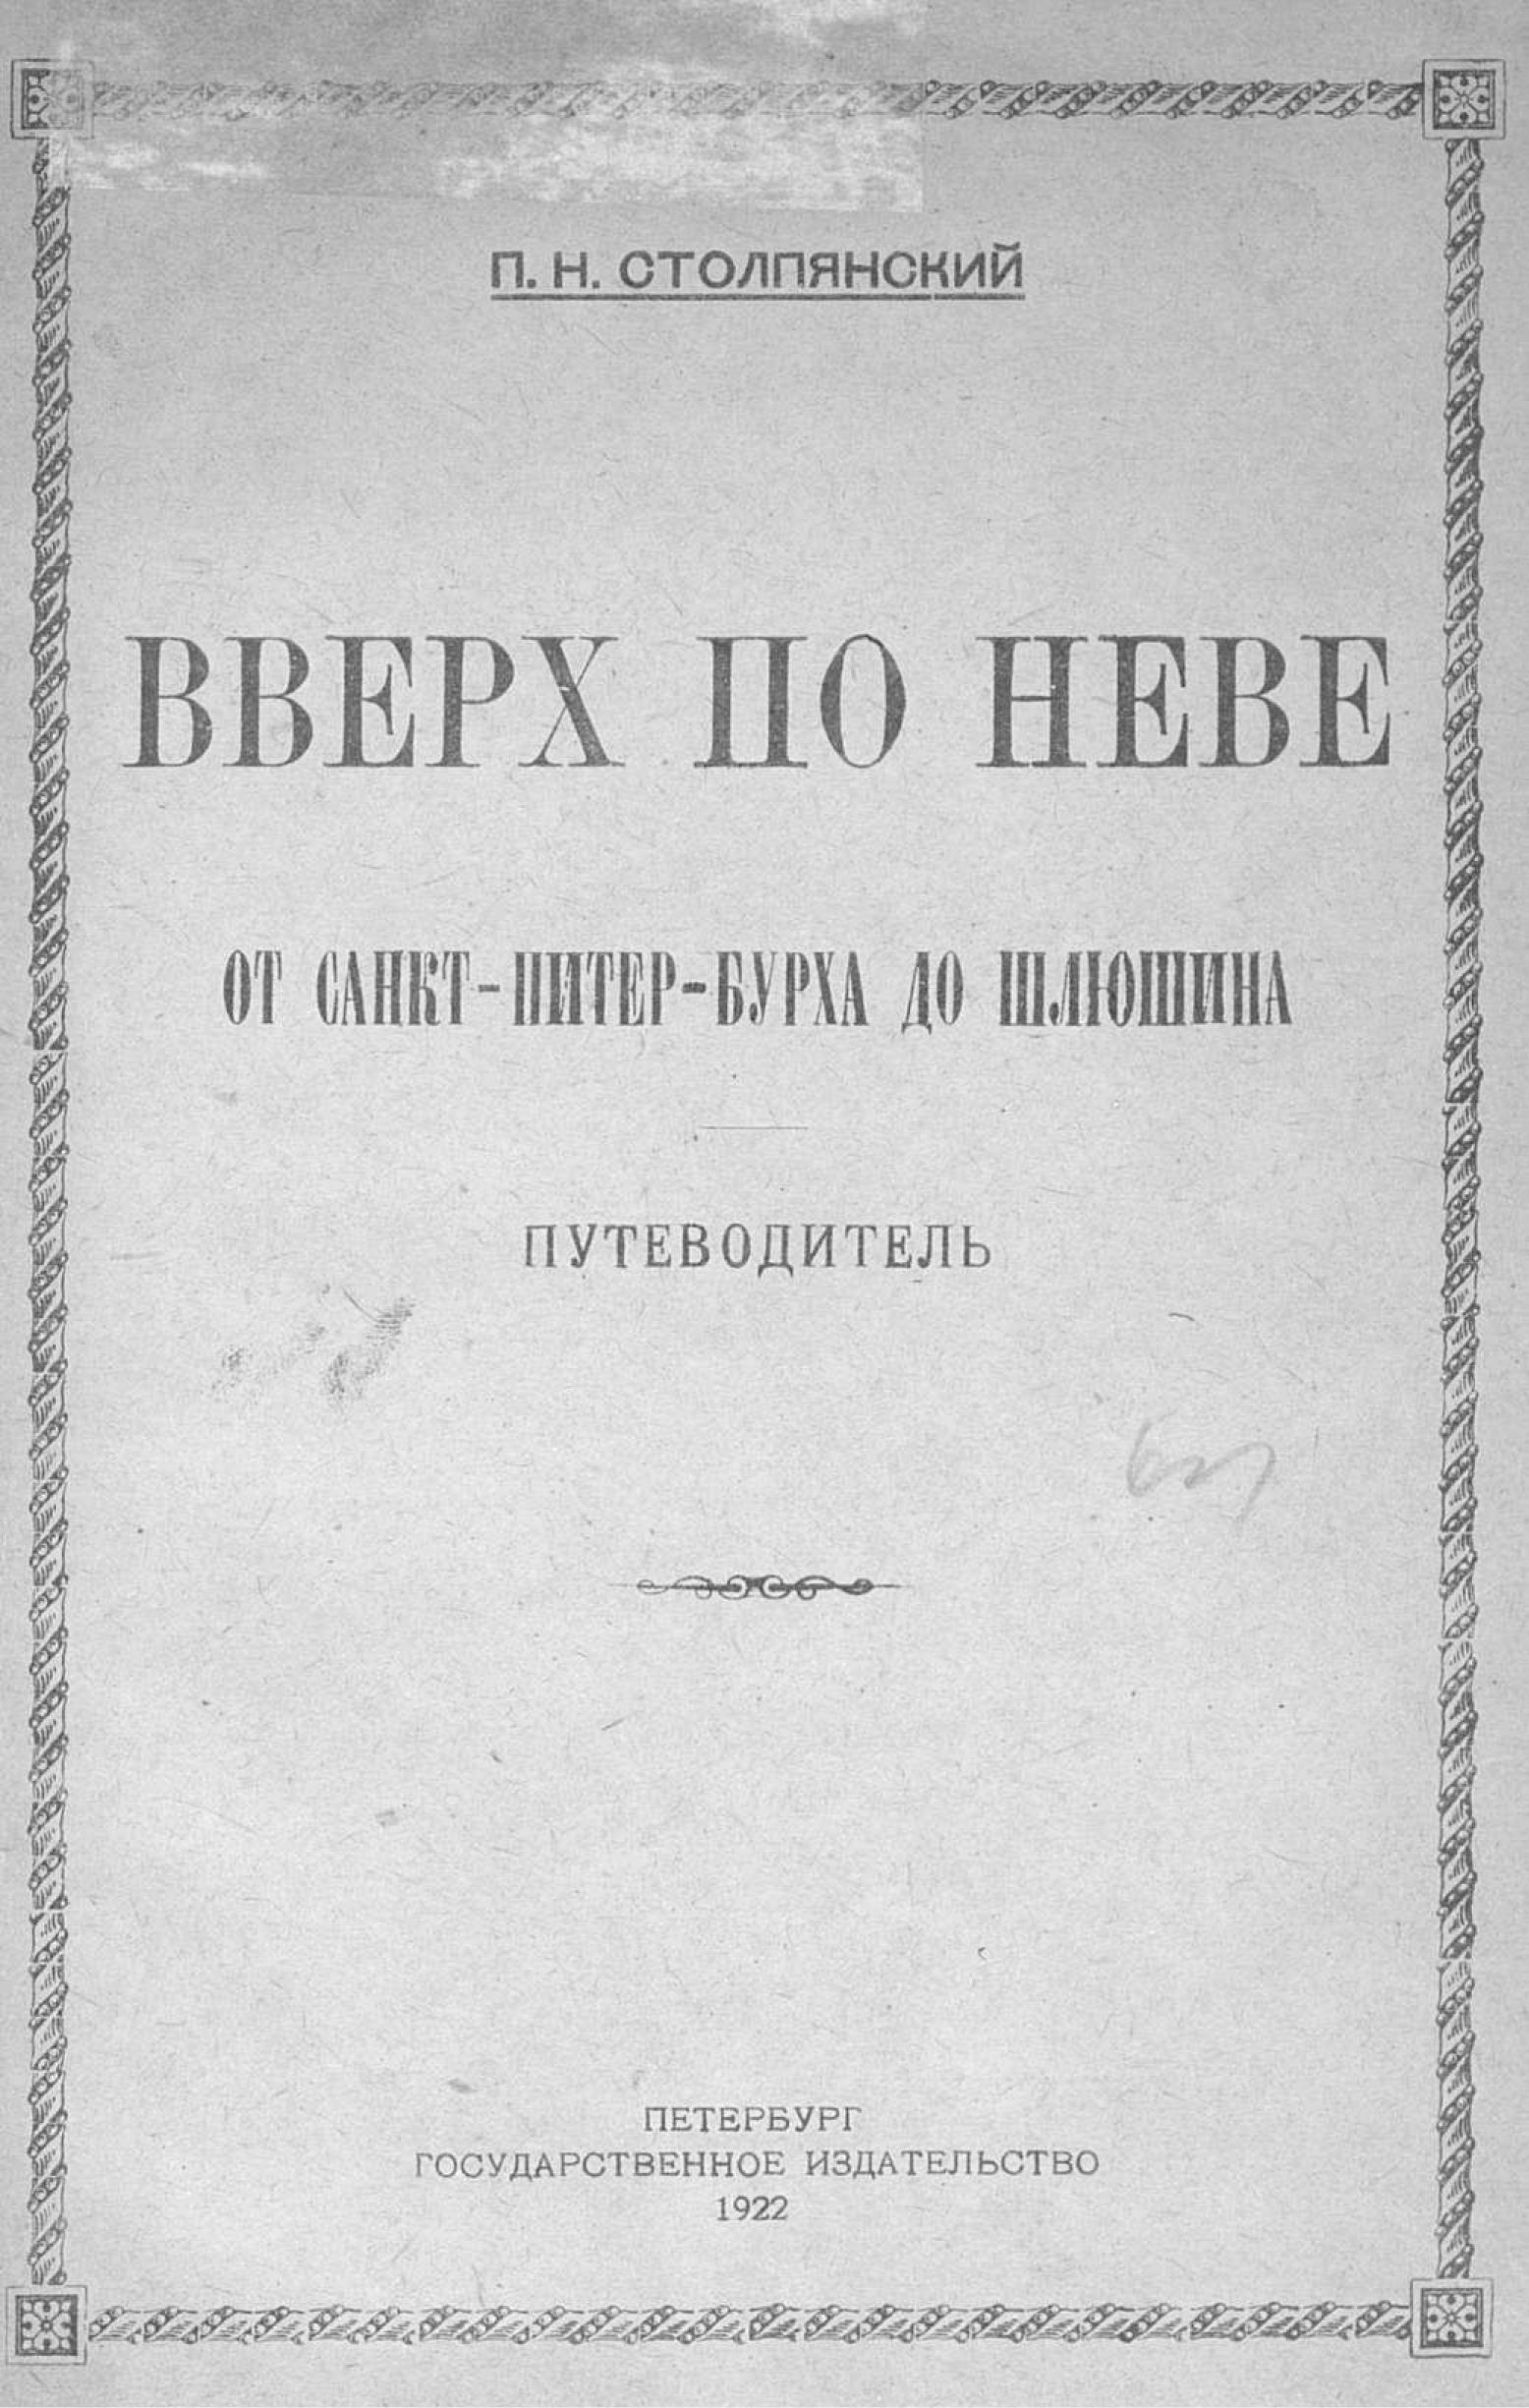 Коллектив авторов Вверх по Неве от Санкт-Питер-Бурха до Шлюшина